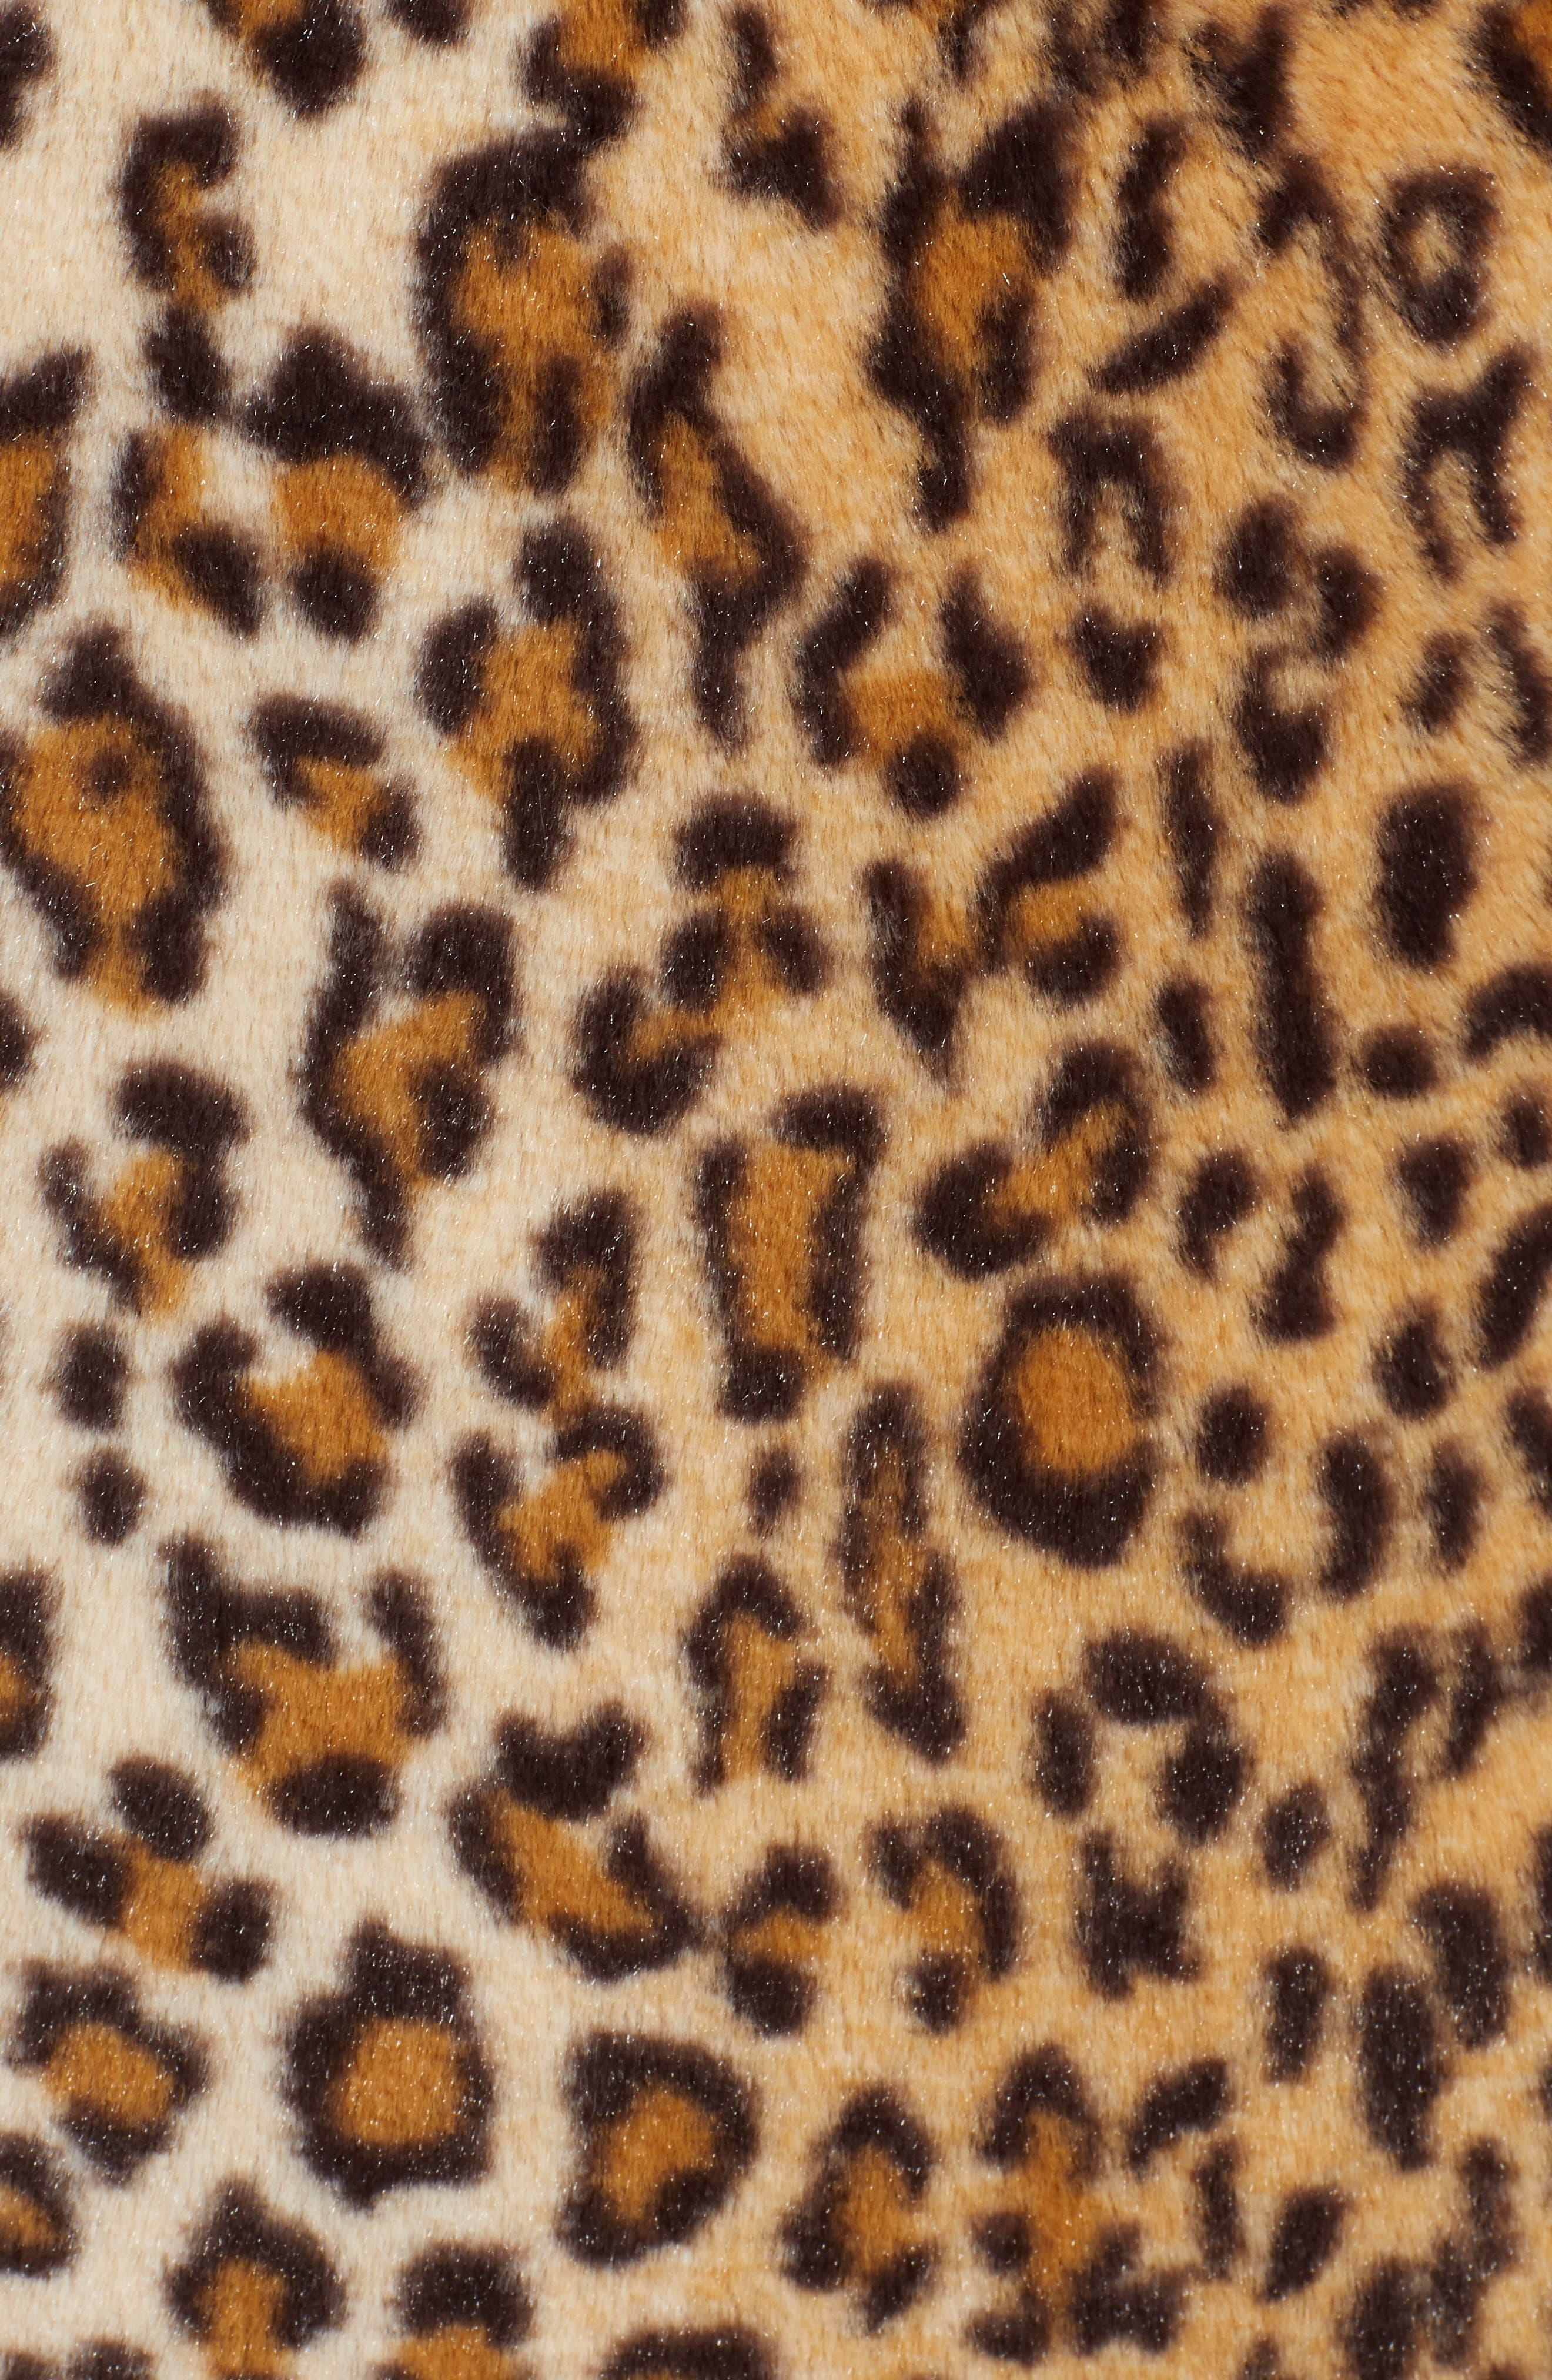 Stefani Leopard Print Faux Fur Coat,                             Alternate thumbnail 7, color,                             200